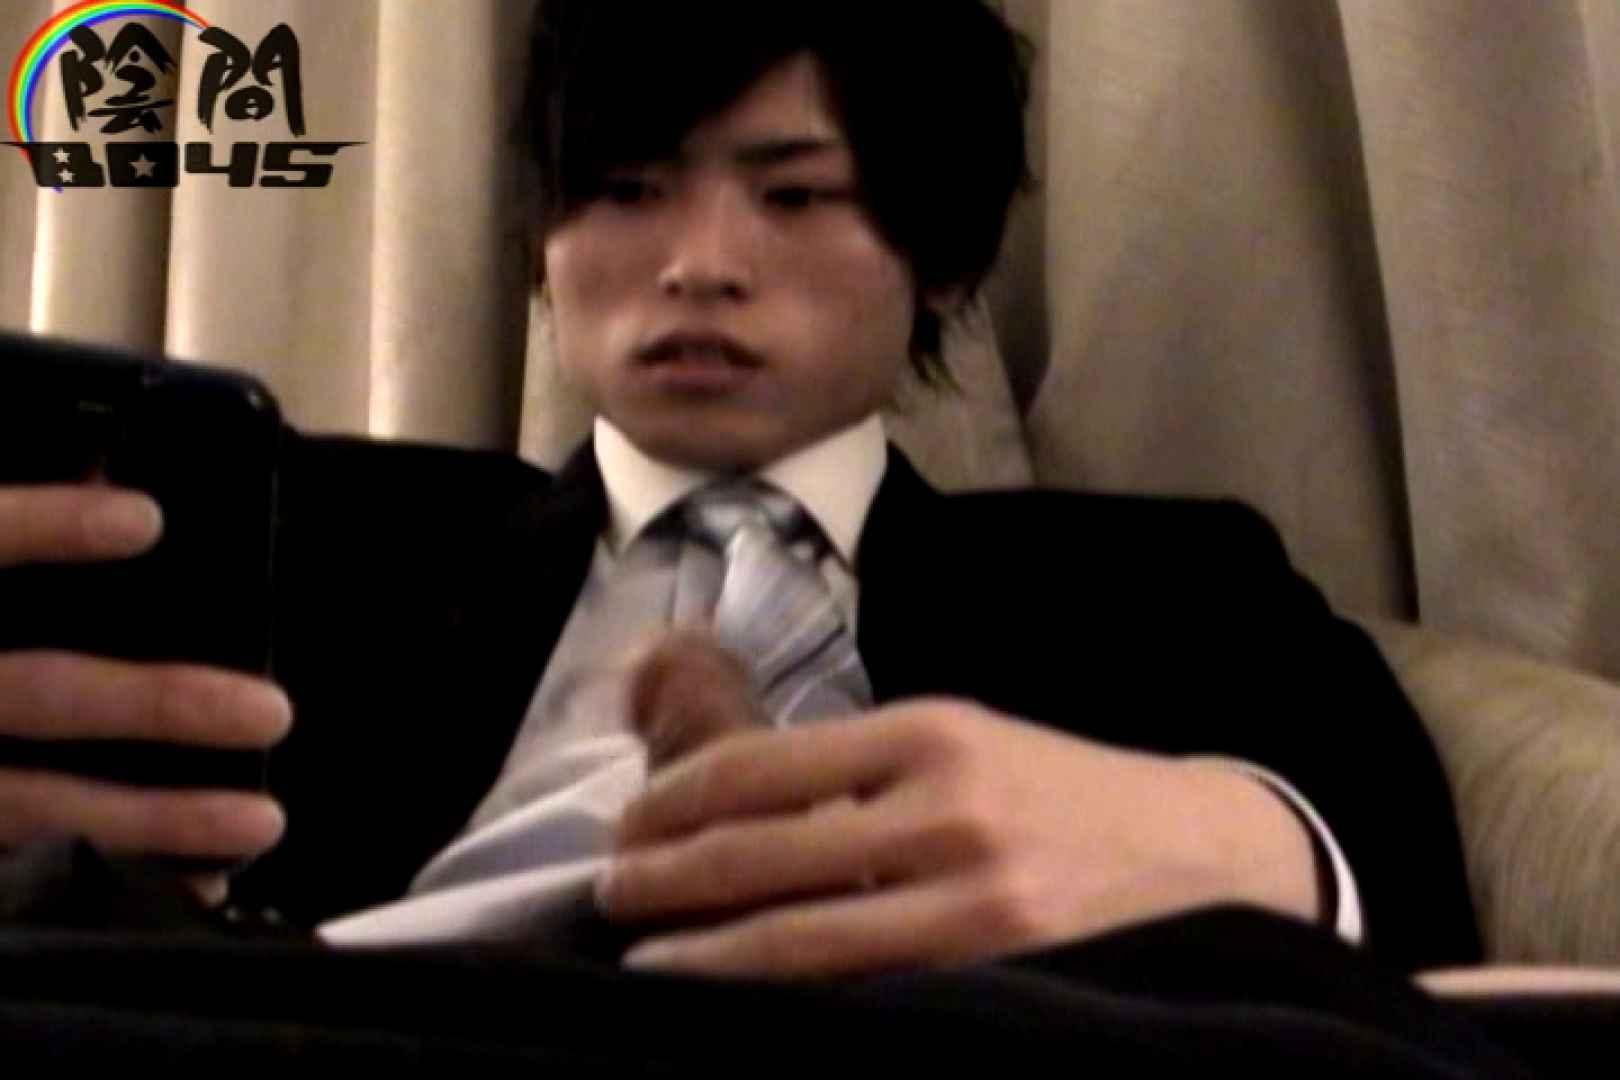 陰間BOYS~IKEMEN Interview~01  アナル  74pic 58